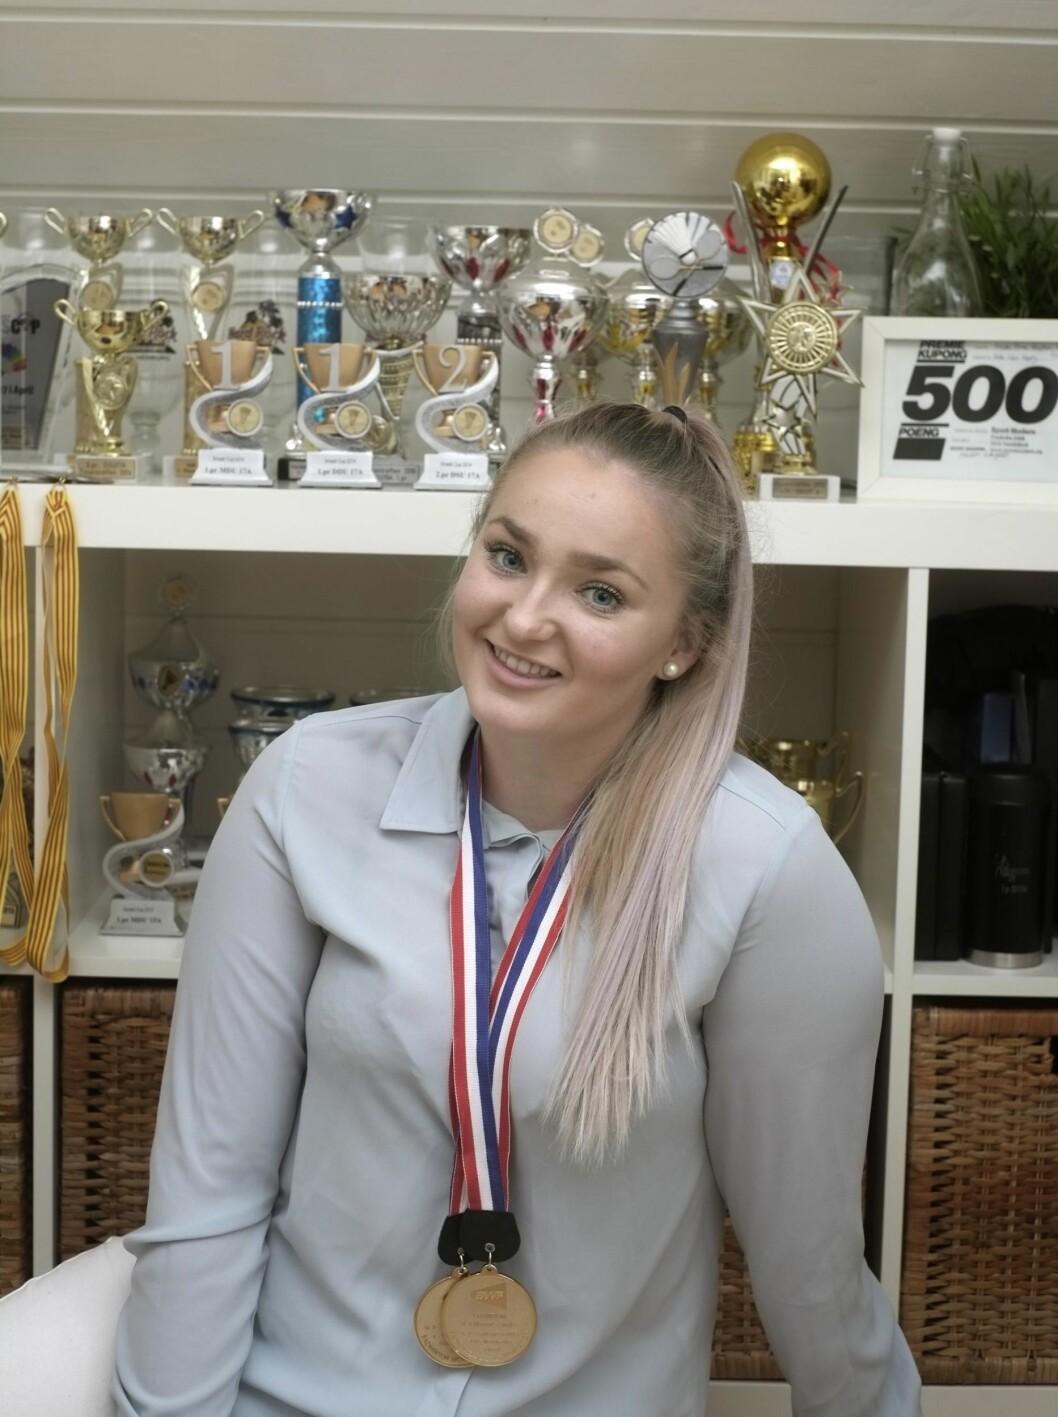 MANGE PREMIER: Helle Sofie spilte sin første turnering da hun var rundt 10 år, og trofeene har blitt mange siden da! Foto: Hege Landrø Johnsen